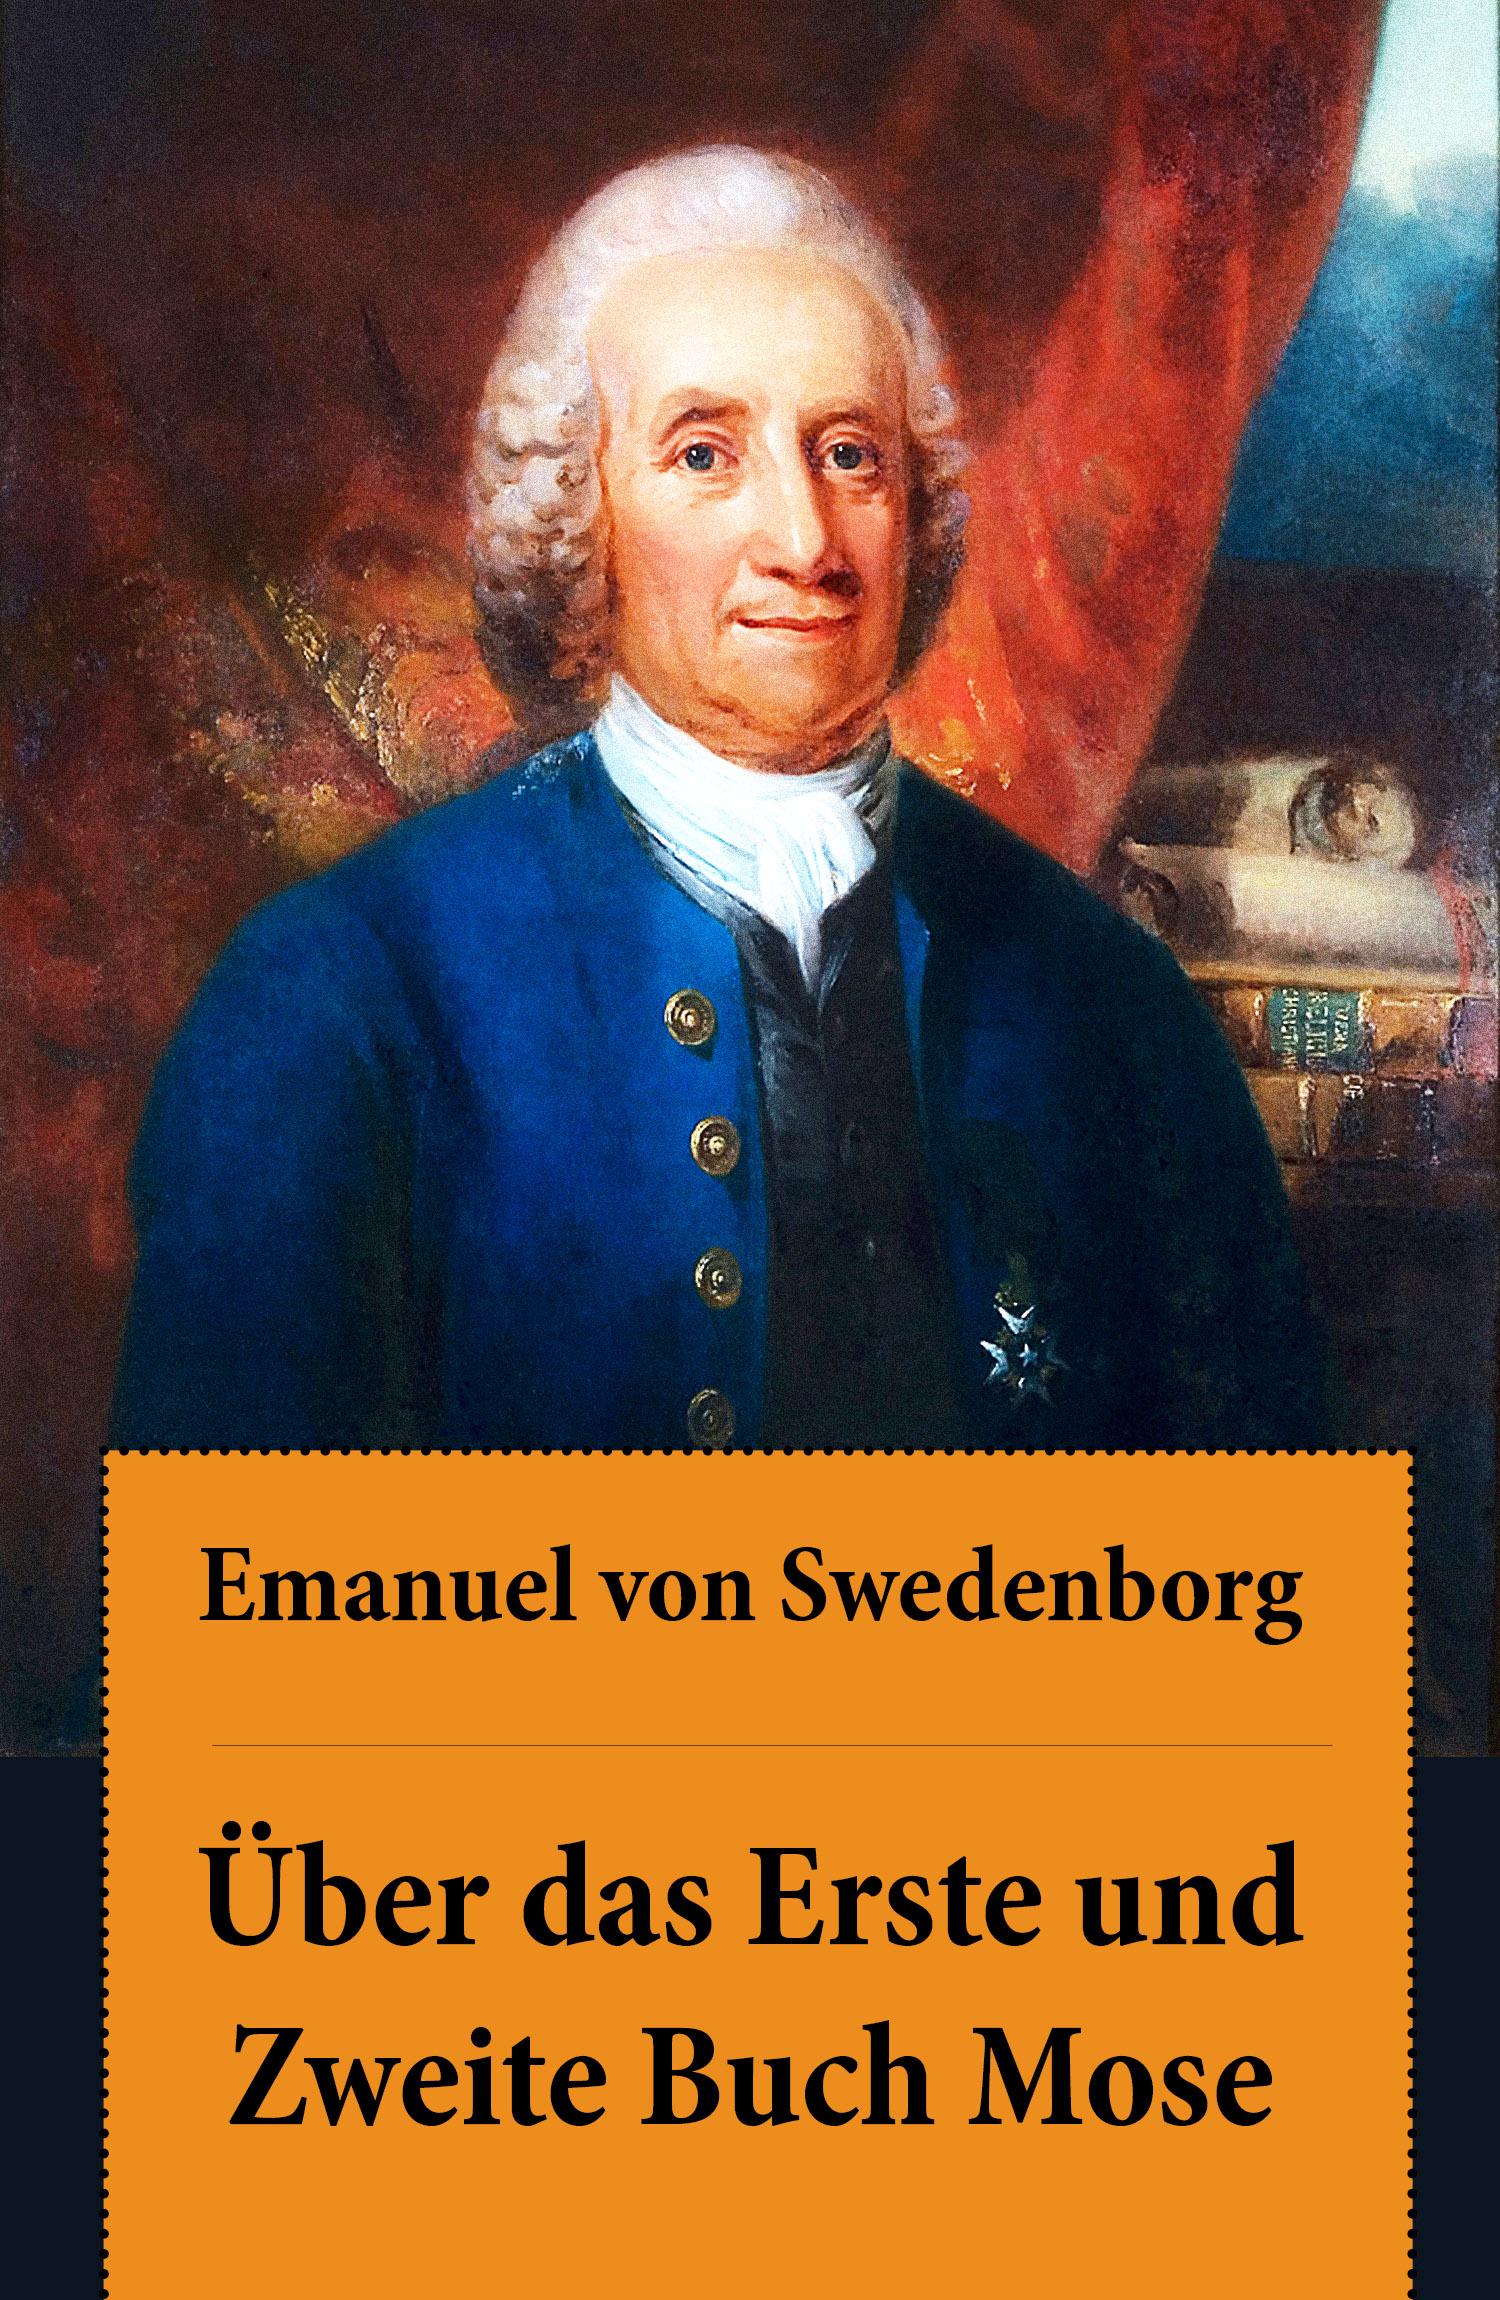 Emanuel von Swedenborg Über das Erste und Zweite Buch Mose mose allison mose allison mose sings